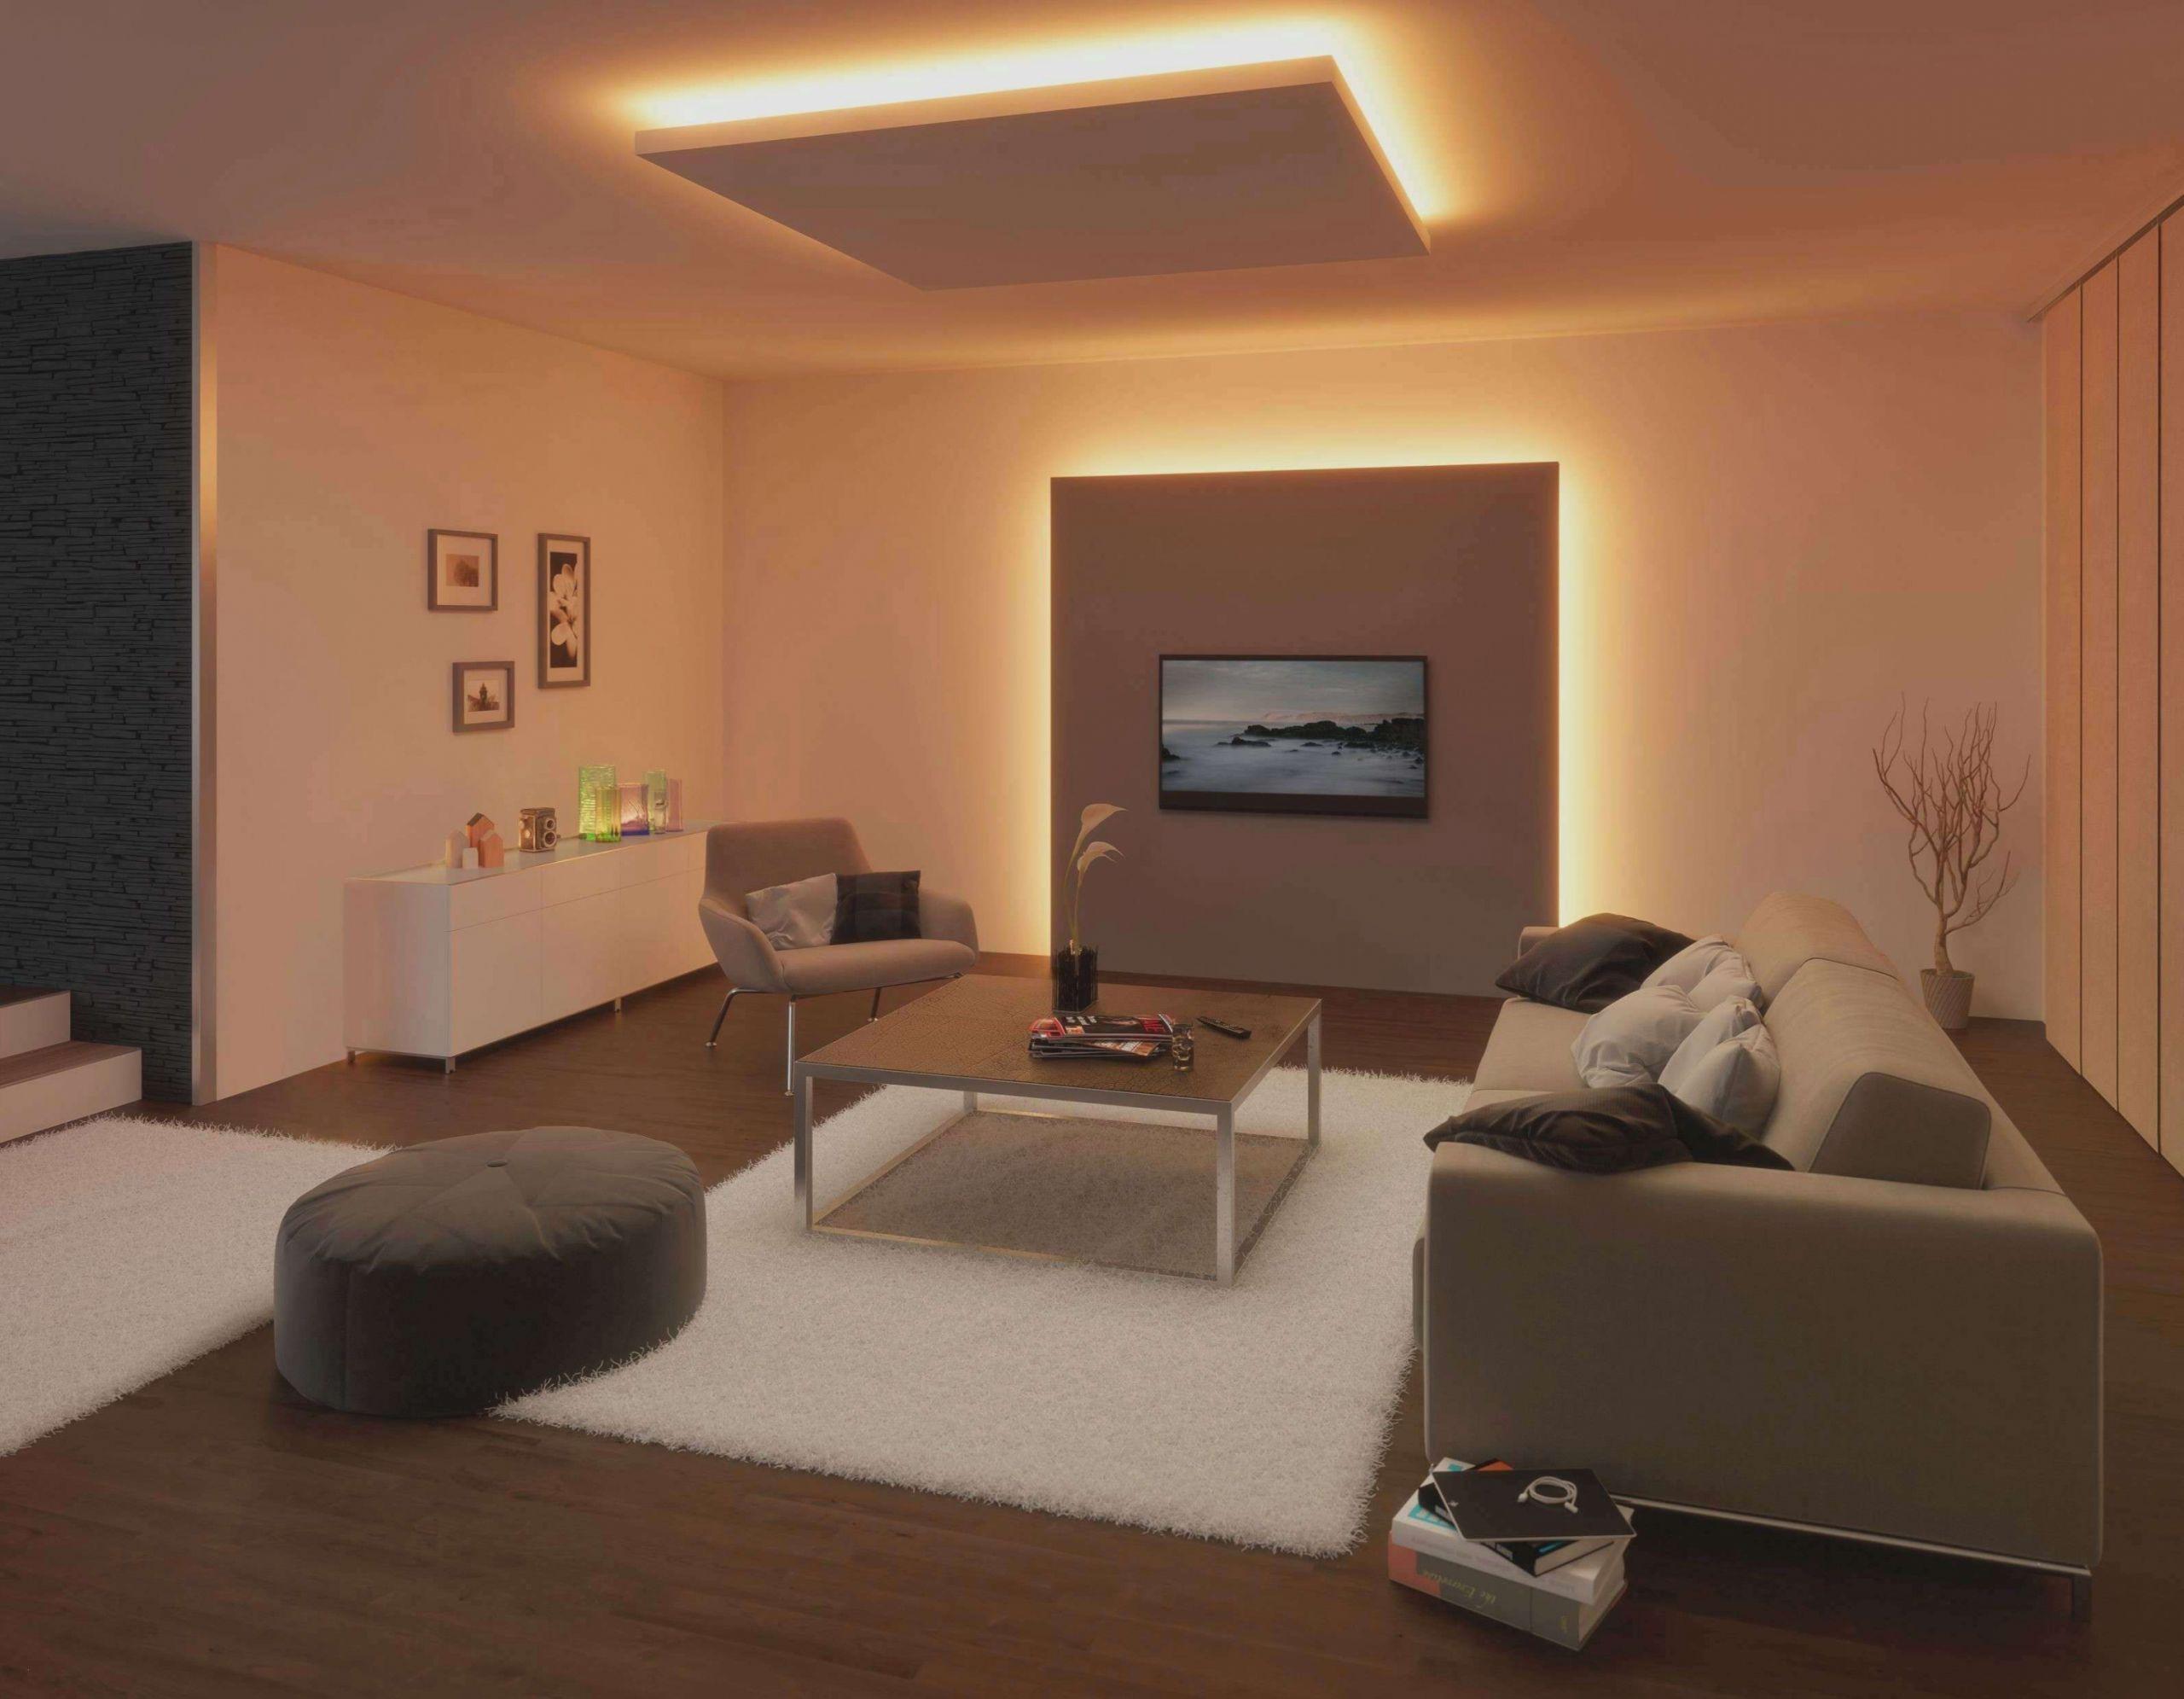 37 genial licht fur garten baum fur wohnzimmer baum fur wohnzimmer